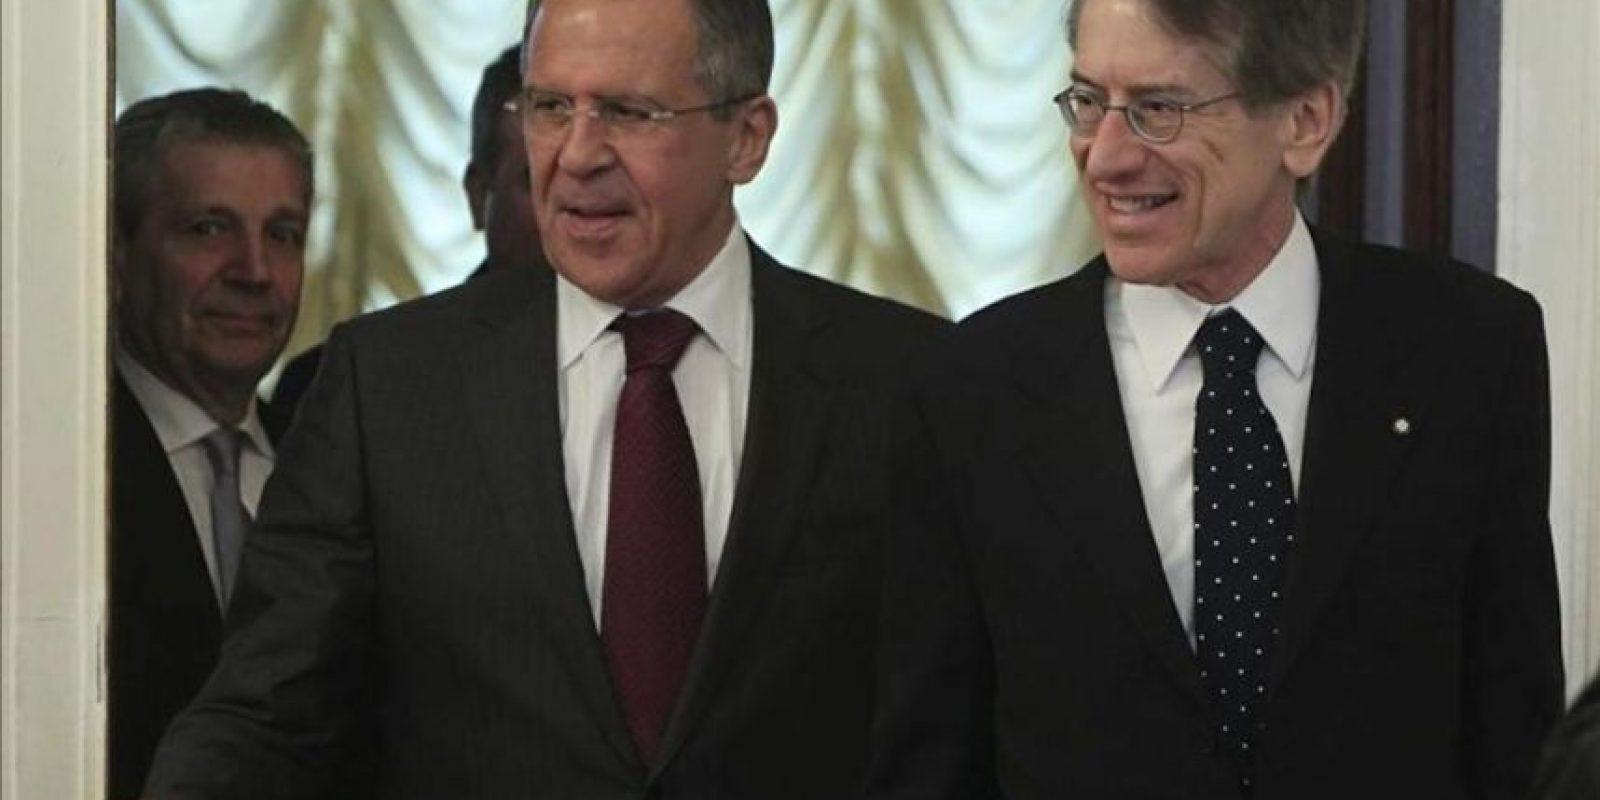 El ministro ruso de Exteriores, Sergei Lavrov (izda), recibe a su homólogo italiano Guilio Terzi (dcha) durante una reunión de ministros rusos e italianos de Exteriores y Defensa en Moscú (Rusia) hoy, viernes, 20 de abril de 2012. EFE